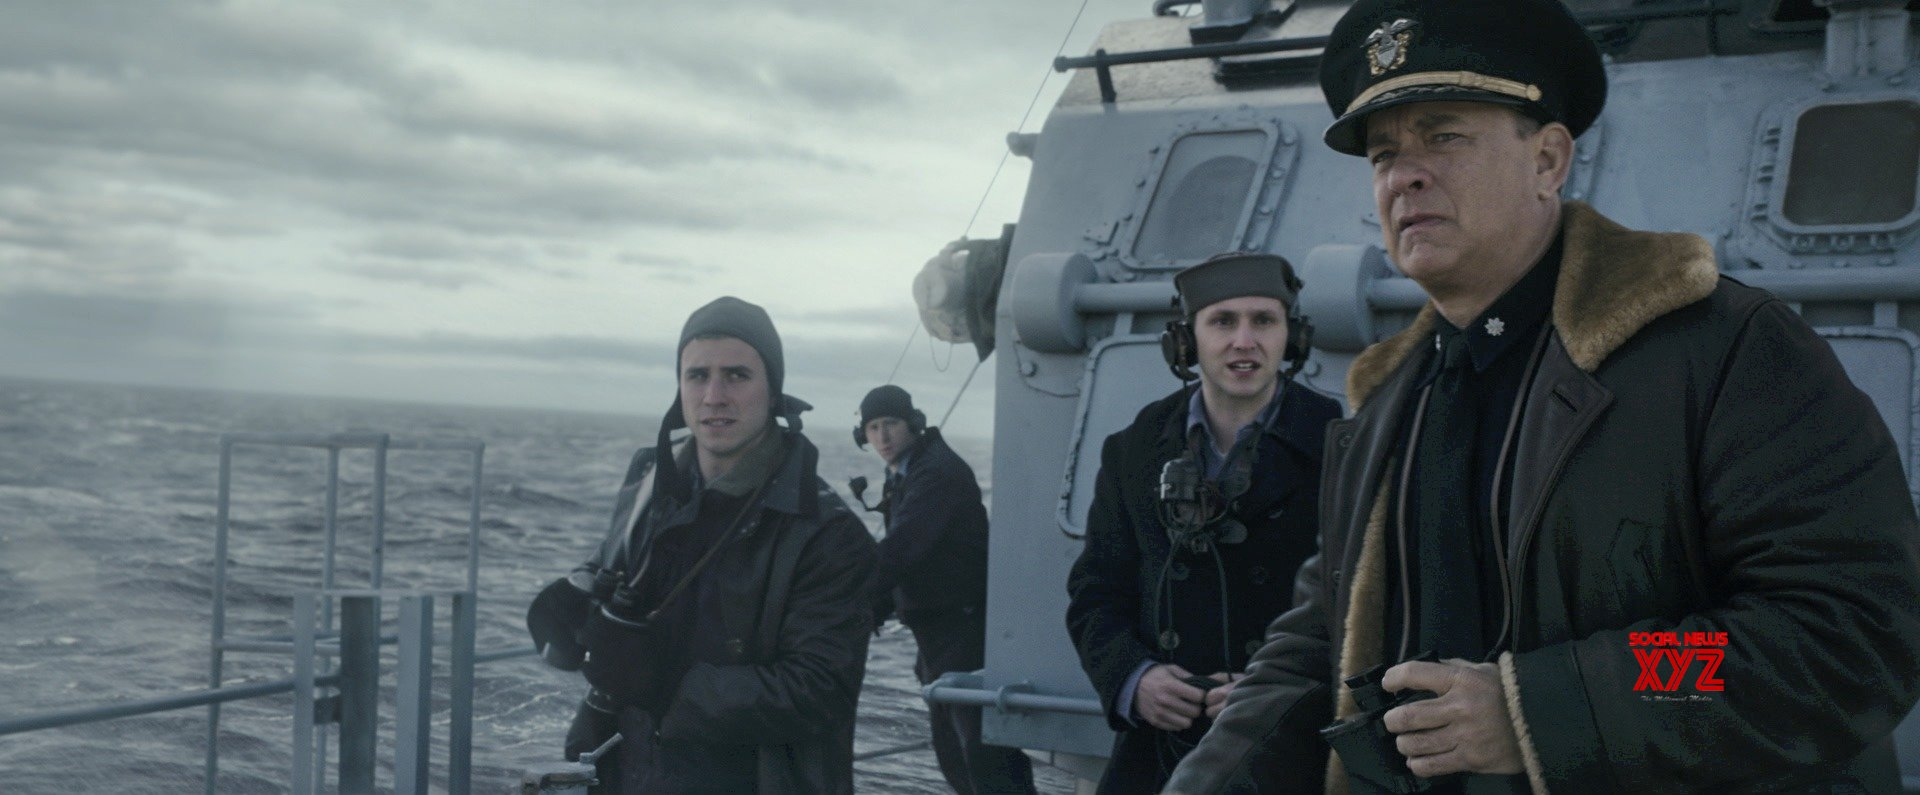 توم هانكس قبطان بحري في أحدث أفلامه فيديو مجلة الرجل